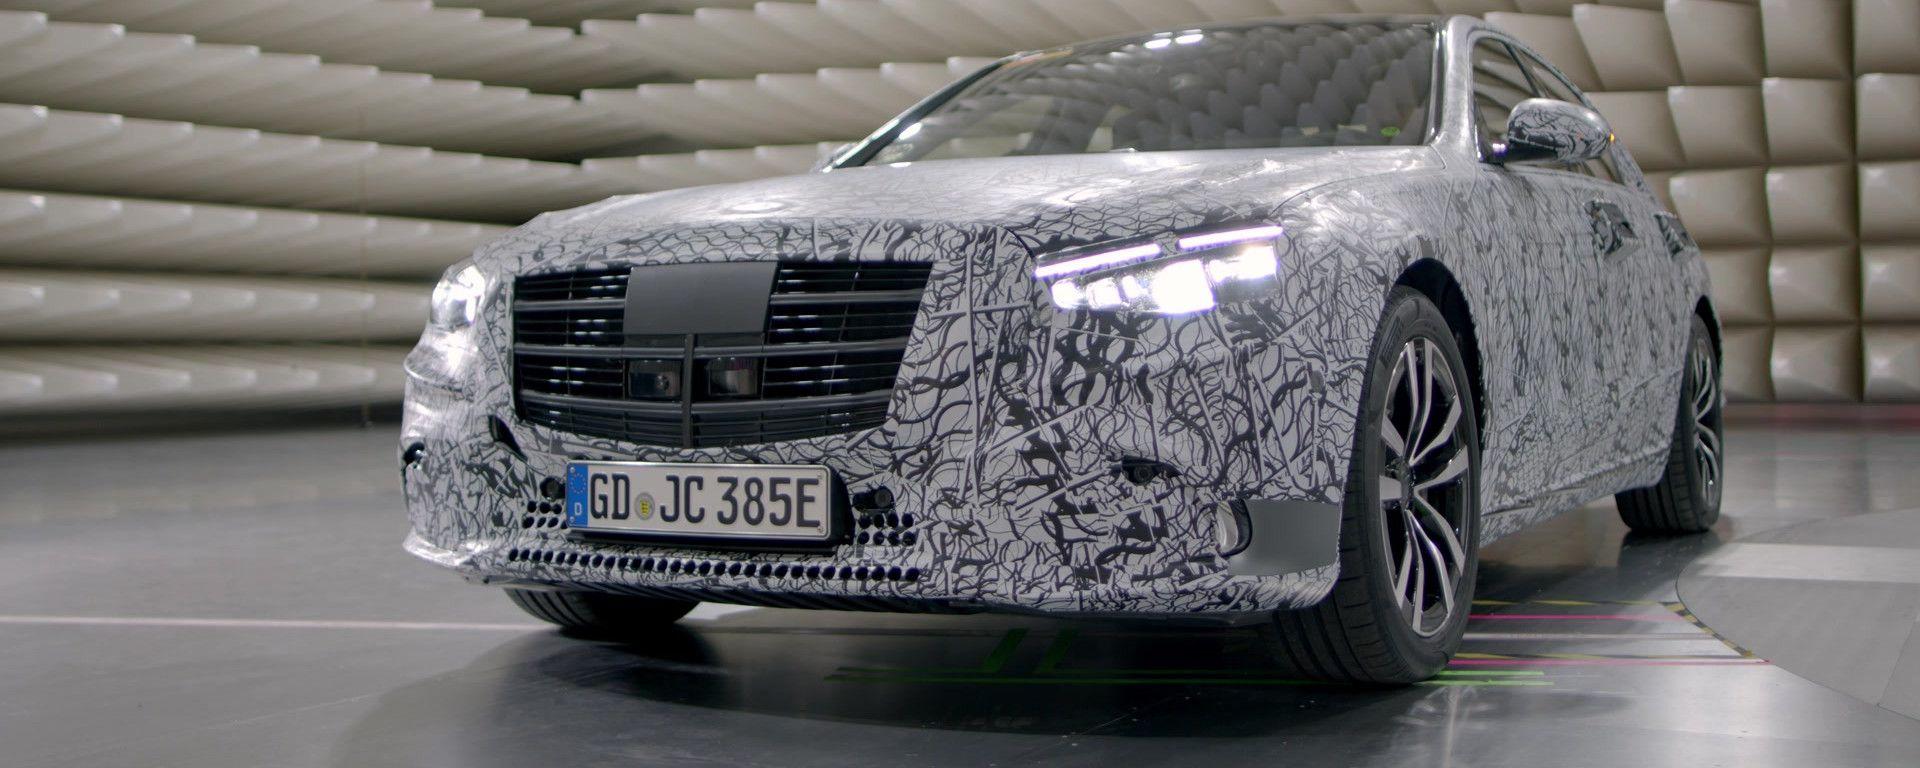 Nuova Mercedes Classe S: prime immagini ufficiali, MBUX compreso